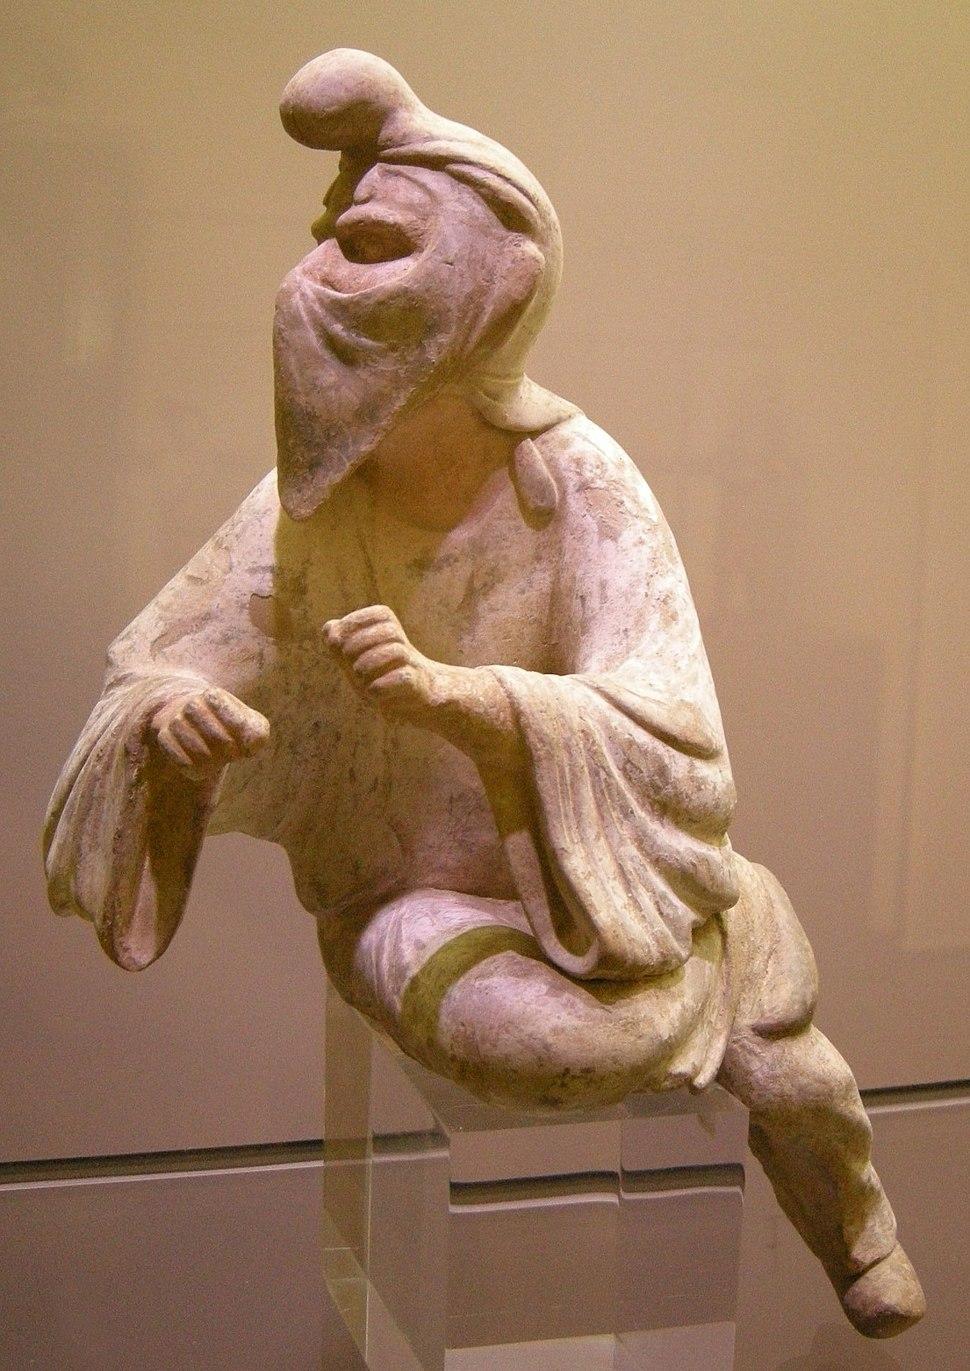 Dinastia tang, shanxi, straniero dal volto velato, 600-750 ca